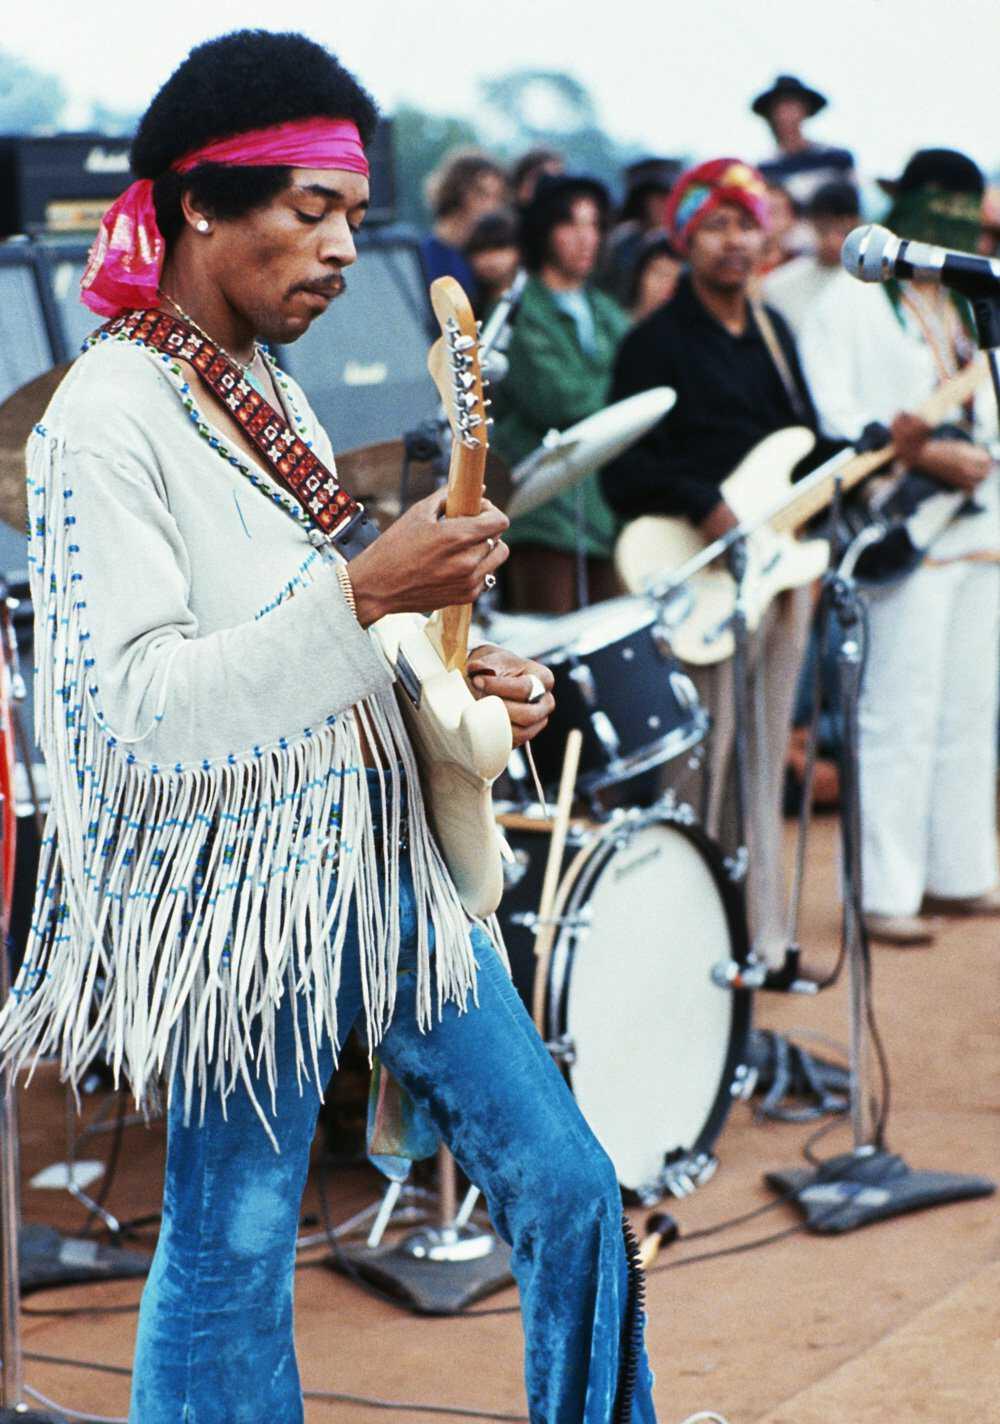 Woodstock-Hendrix-GettyImages-599357656.jpg